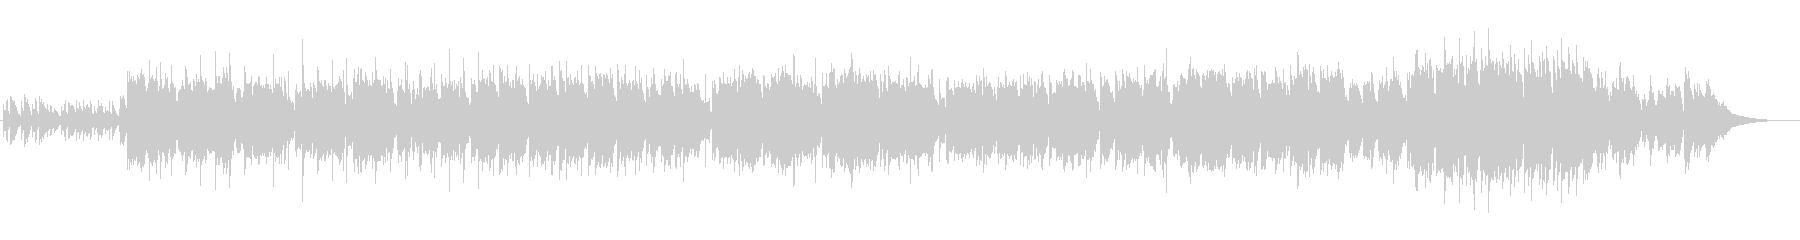 和楽器を取り入れたバラード曲の未再生の波形